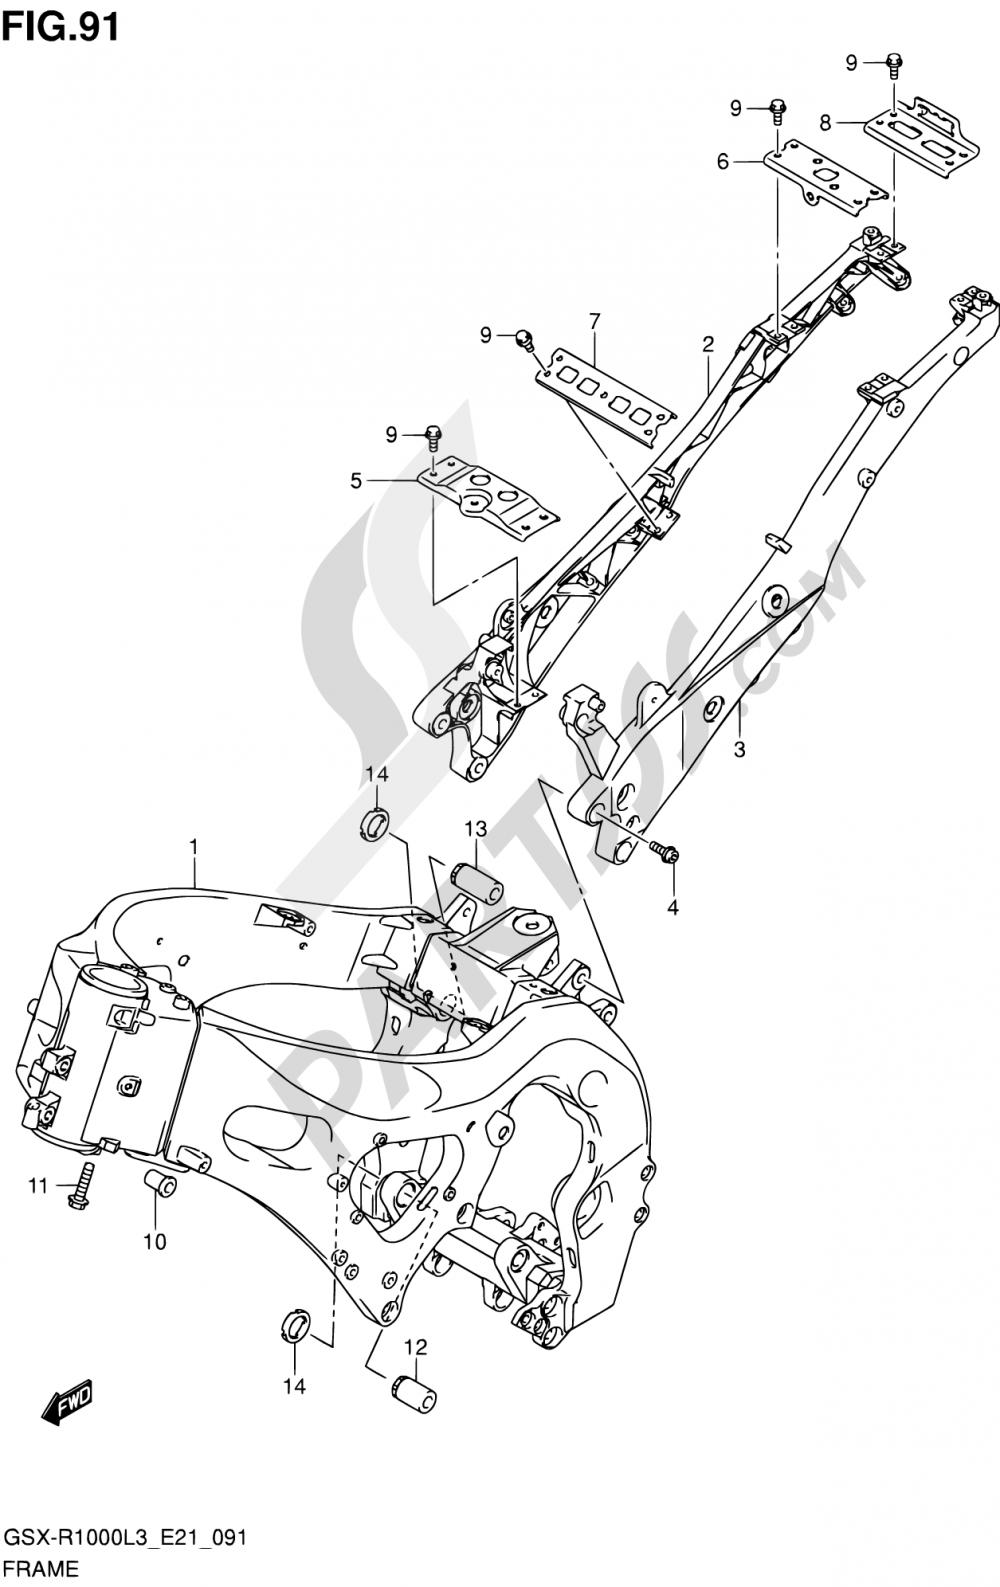 91 - FRAME (GSX-R1000ZUFL3 E21) Suzuki GSX-R1000Z 2013